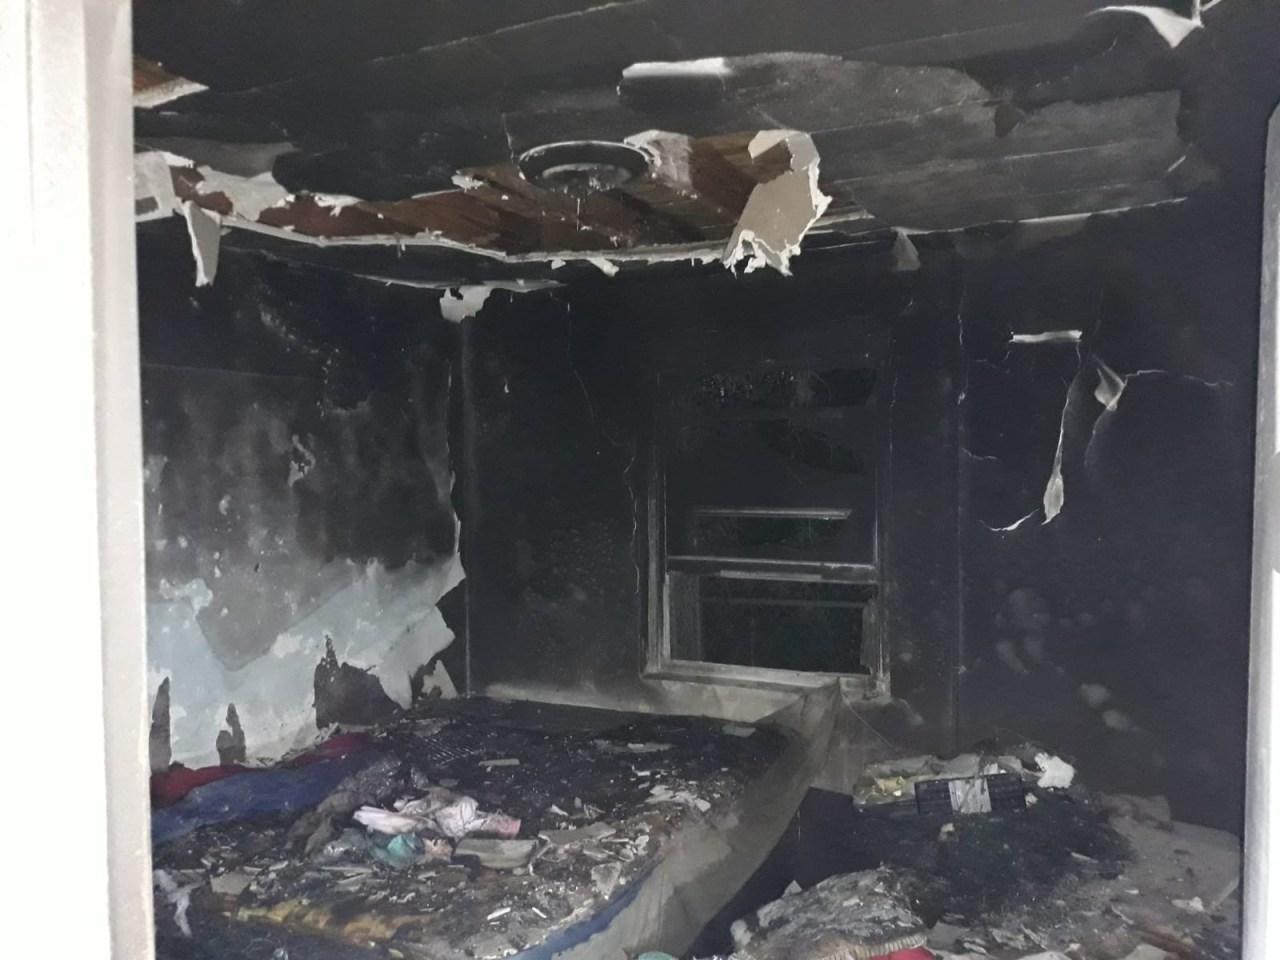 Allapattah Home Fire 2 1280x960 - Cruz Roja Americana y los incendios durante la cuarentena?